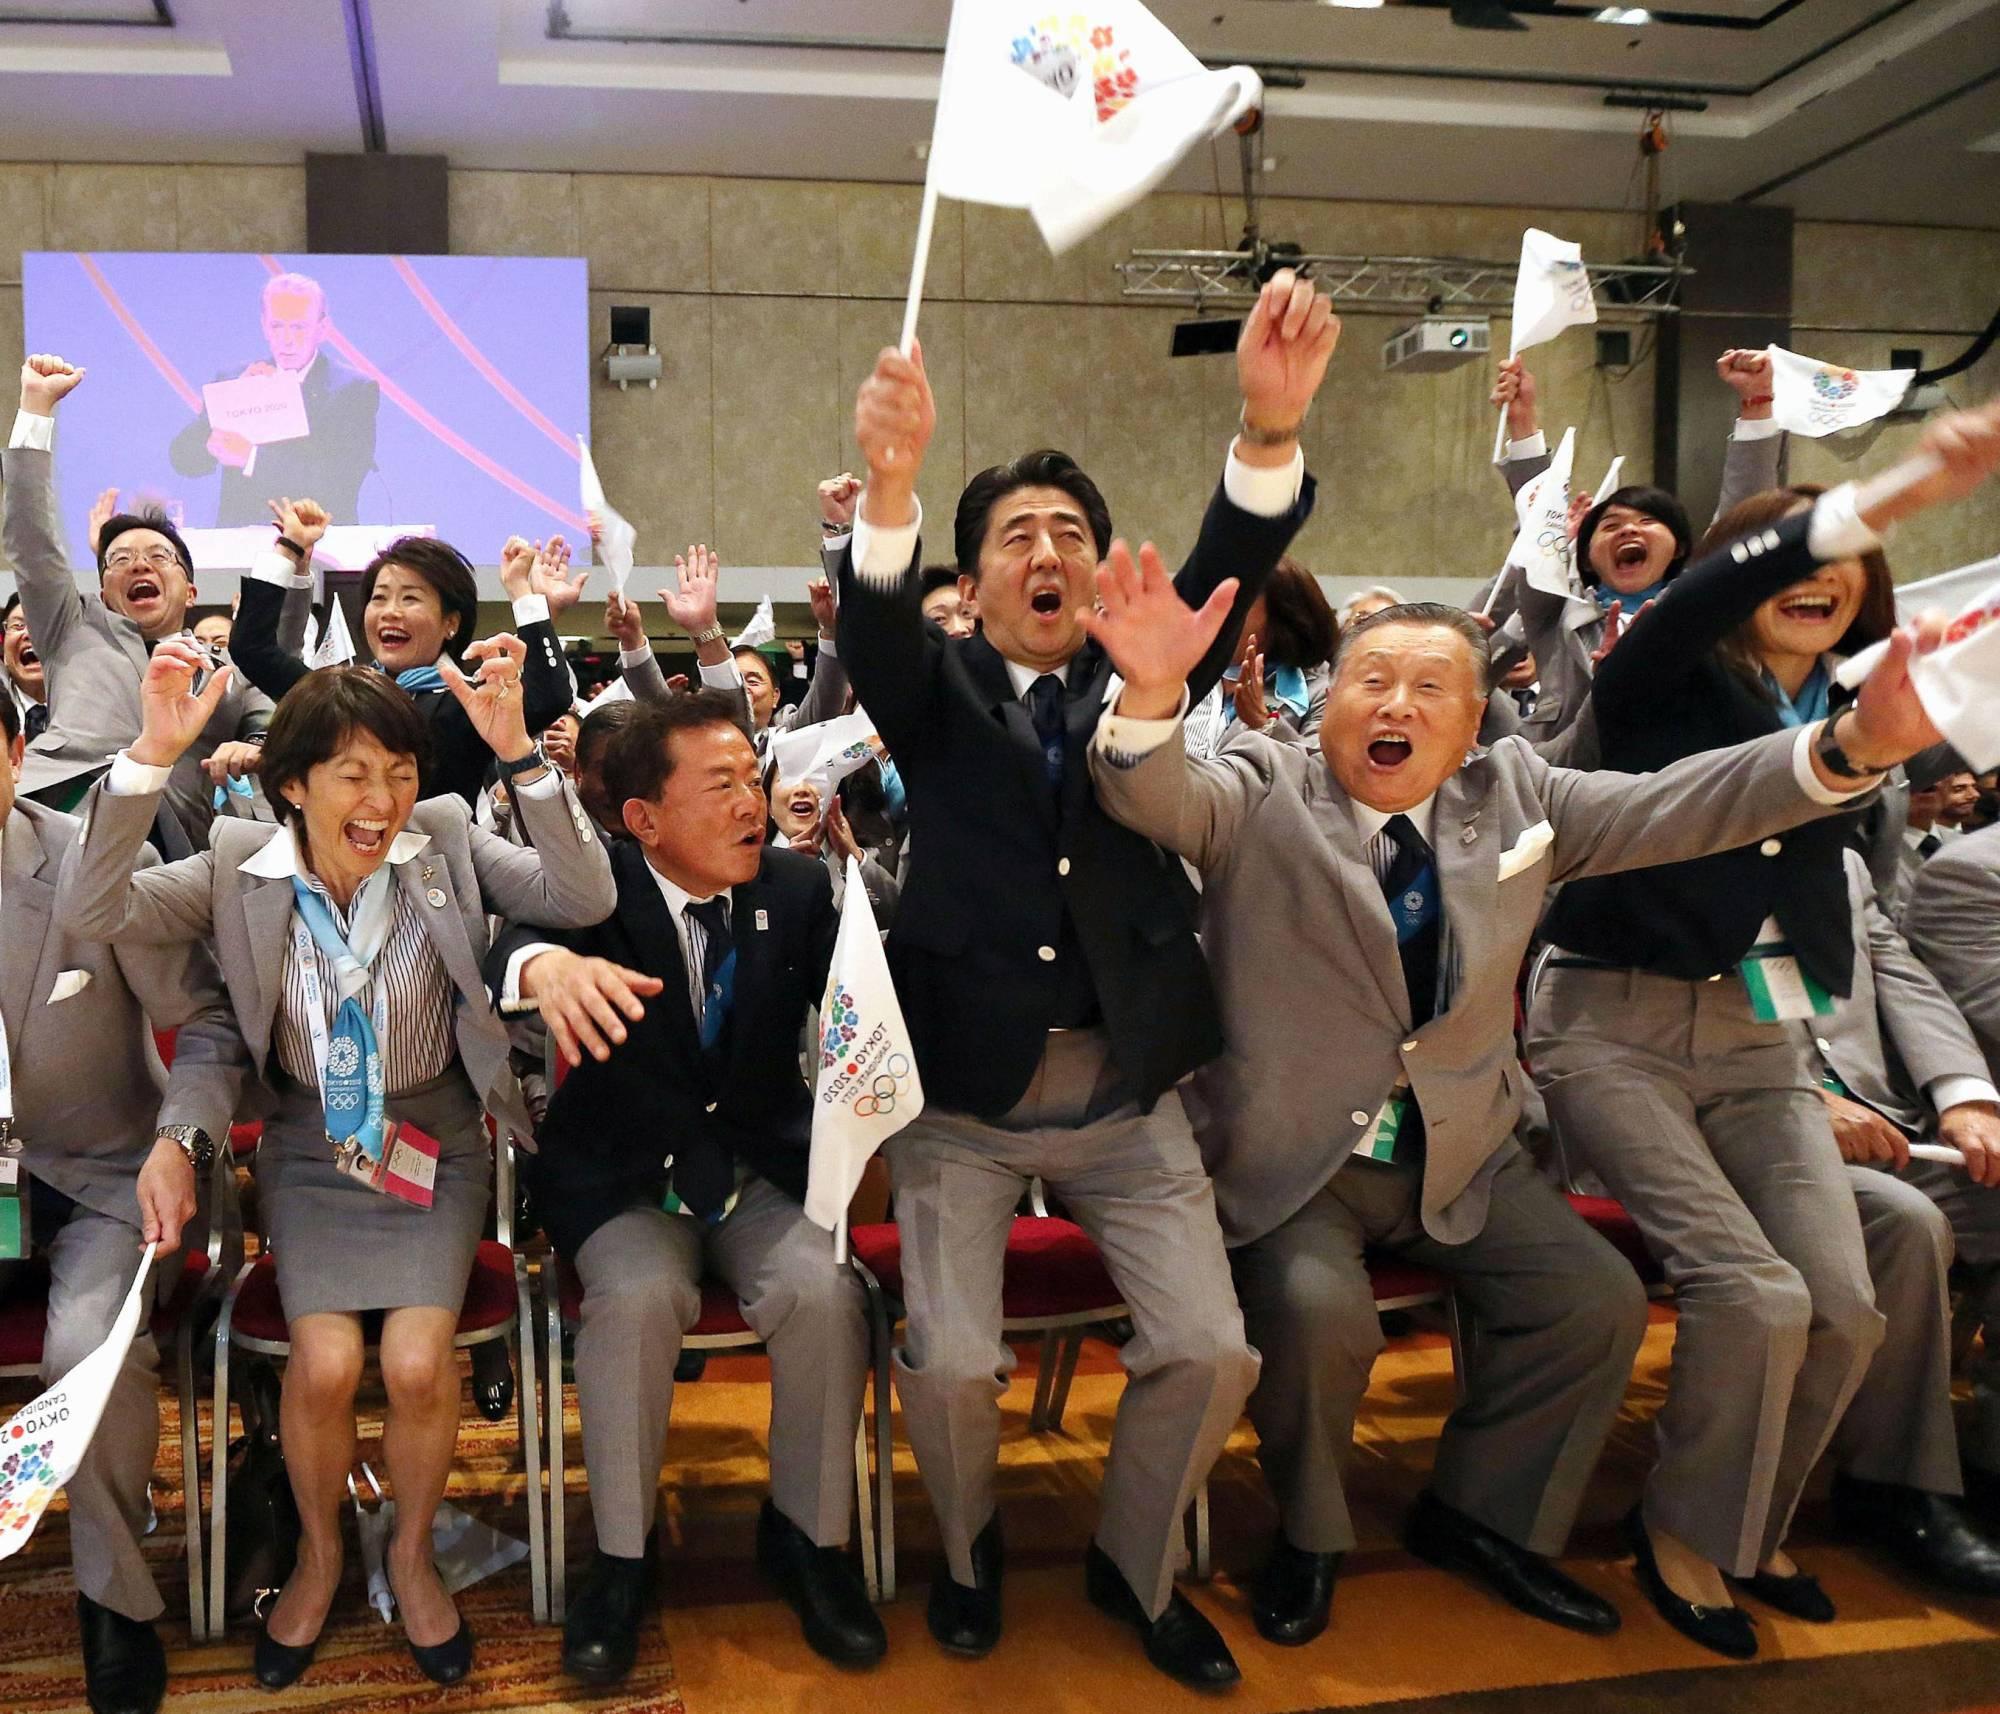 Бывший премьер-министр Ёсиро Мори (второй справа) празднует в Буэнос-Айресе праздник после того, как Токио был выбран в качестве города-организатора летних Олимпийских игр 2020 года в сентябре 2013 года.  Киодо